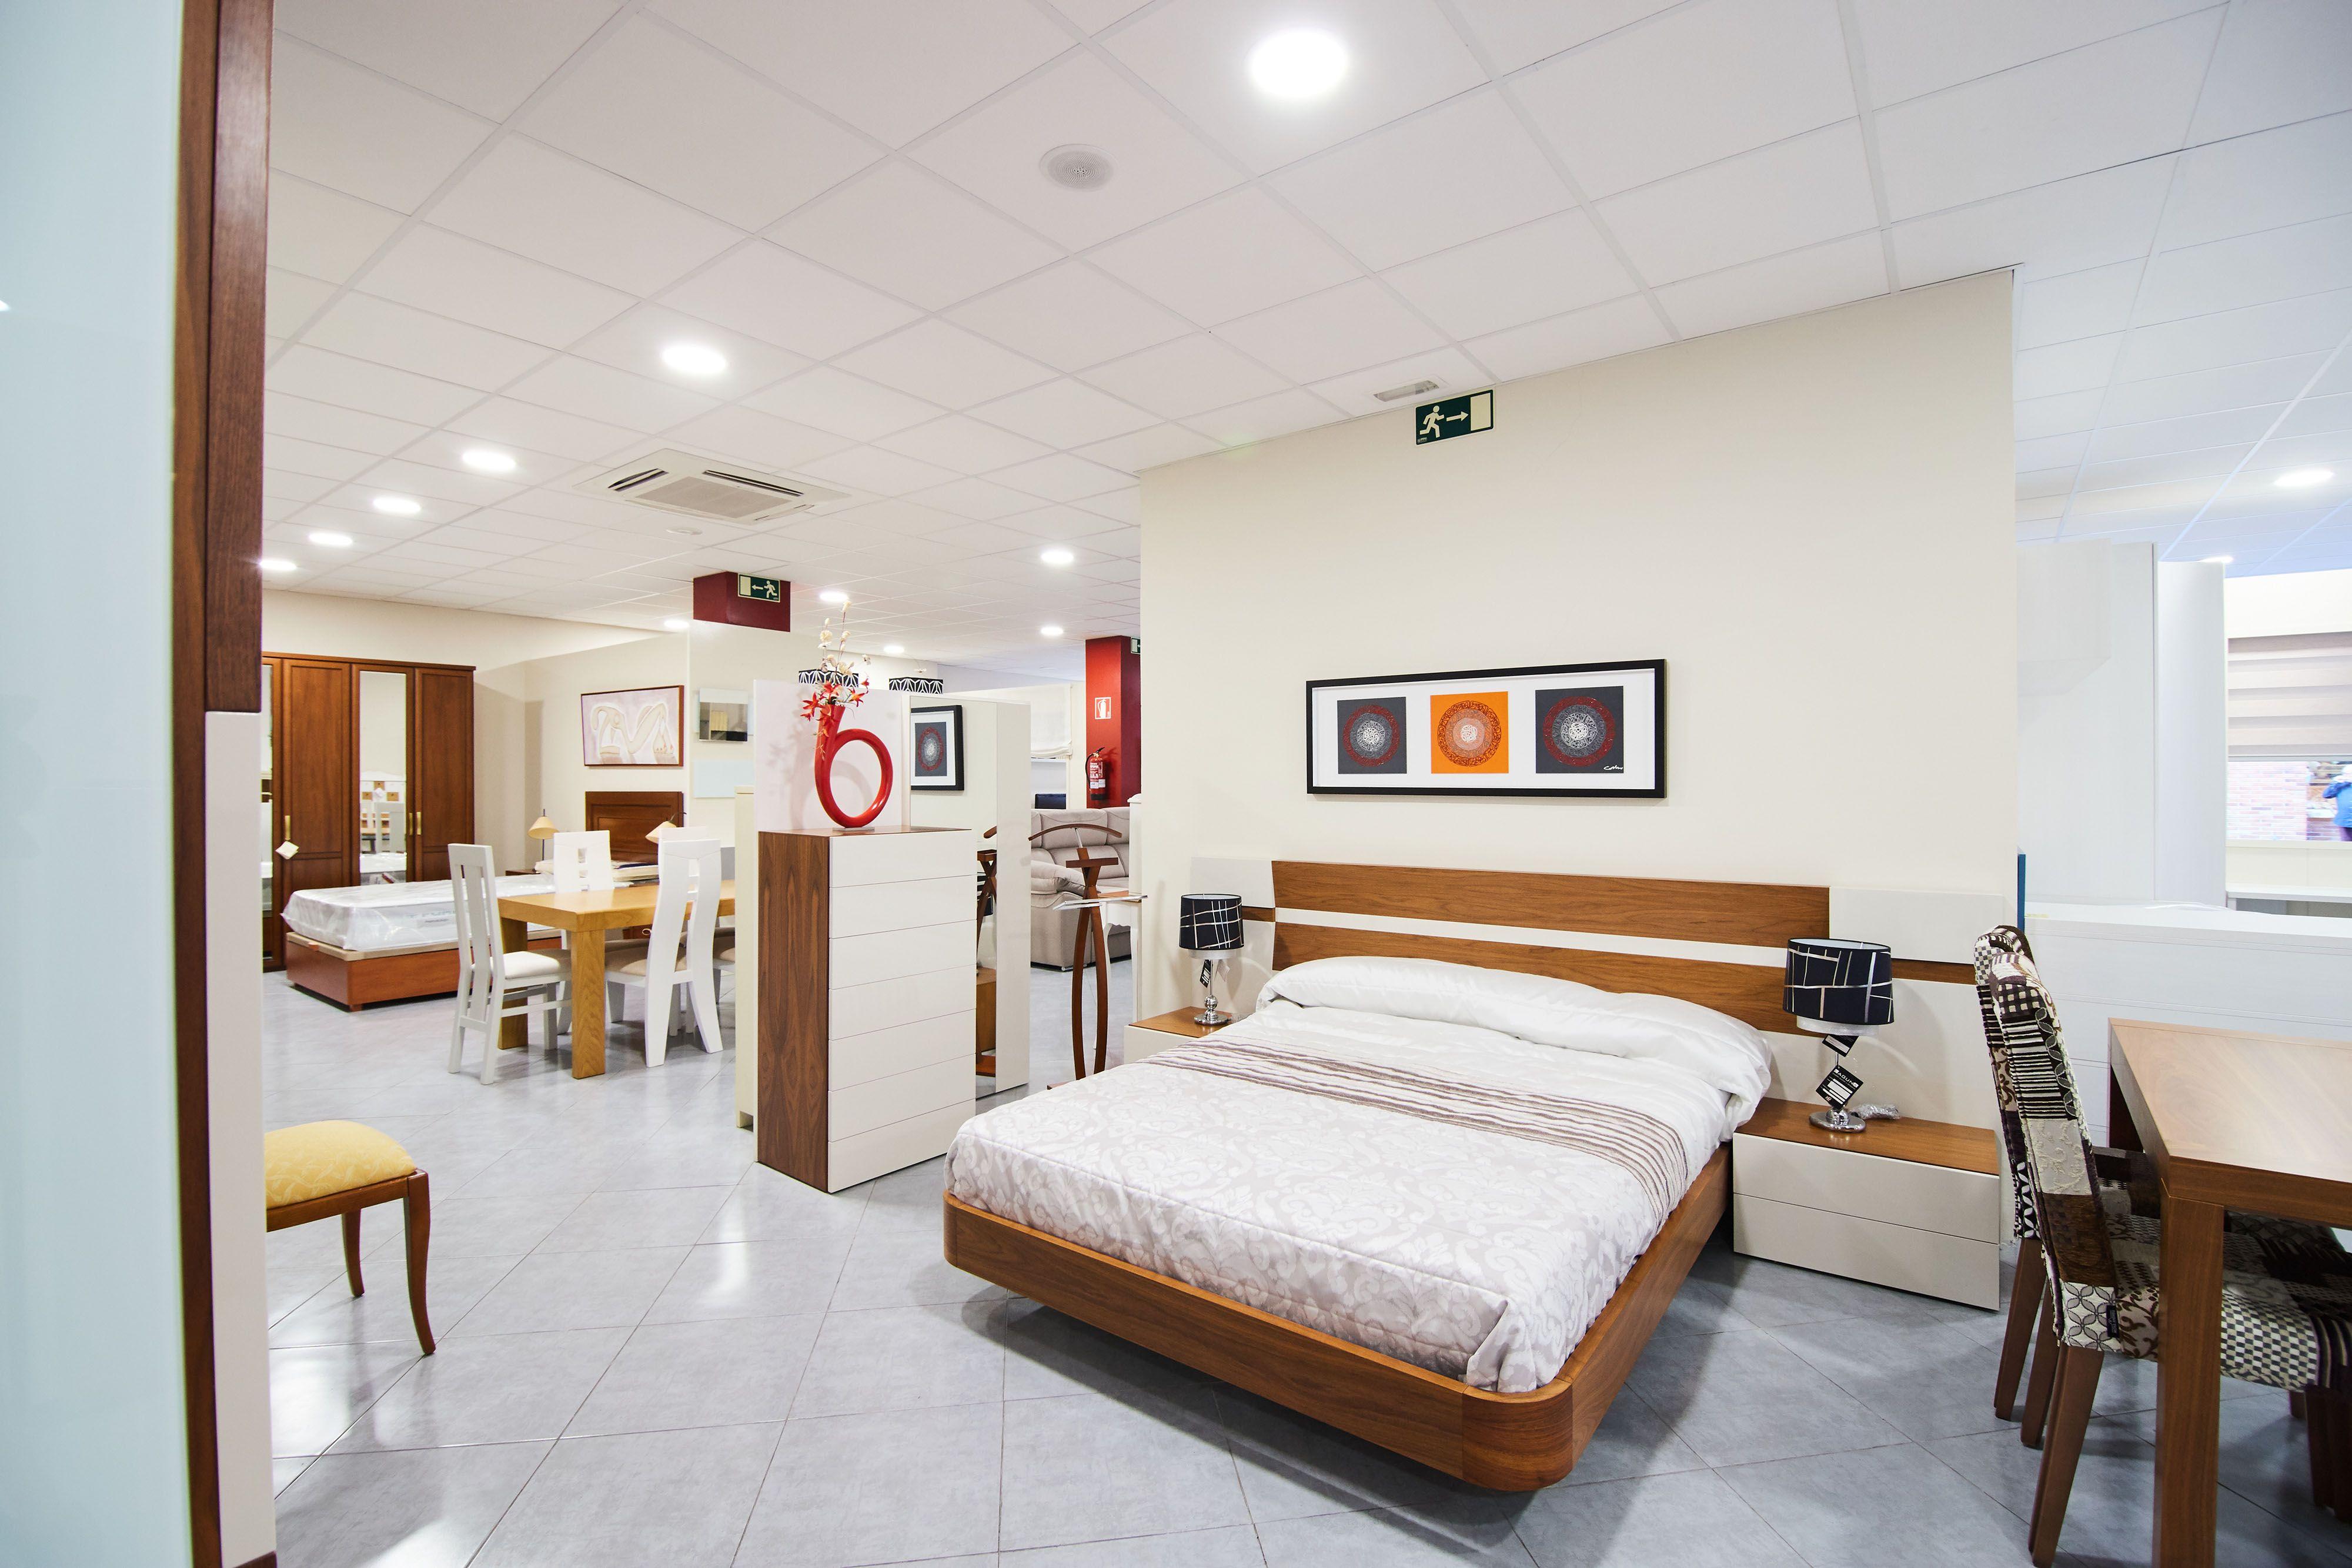 Dormitorio Muebles El Pilar